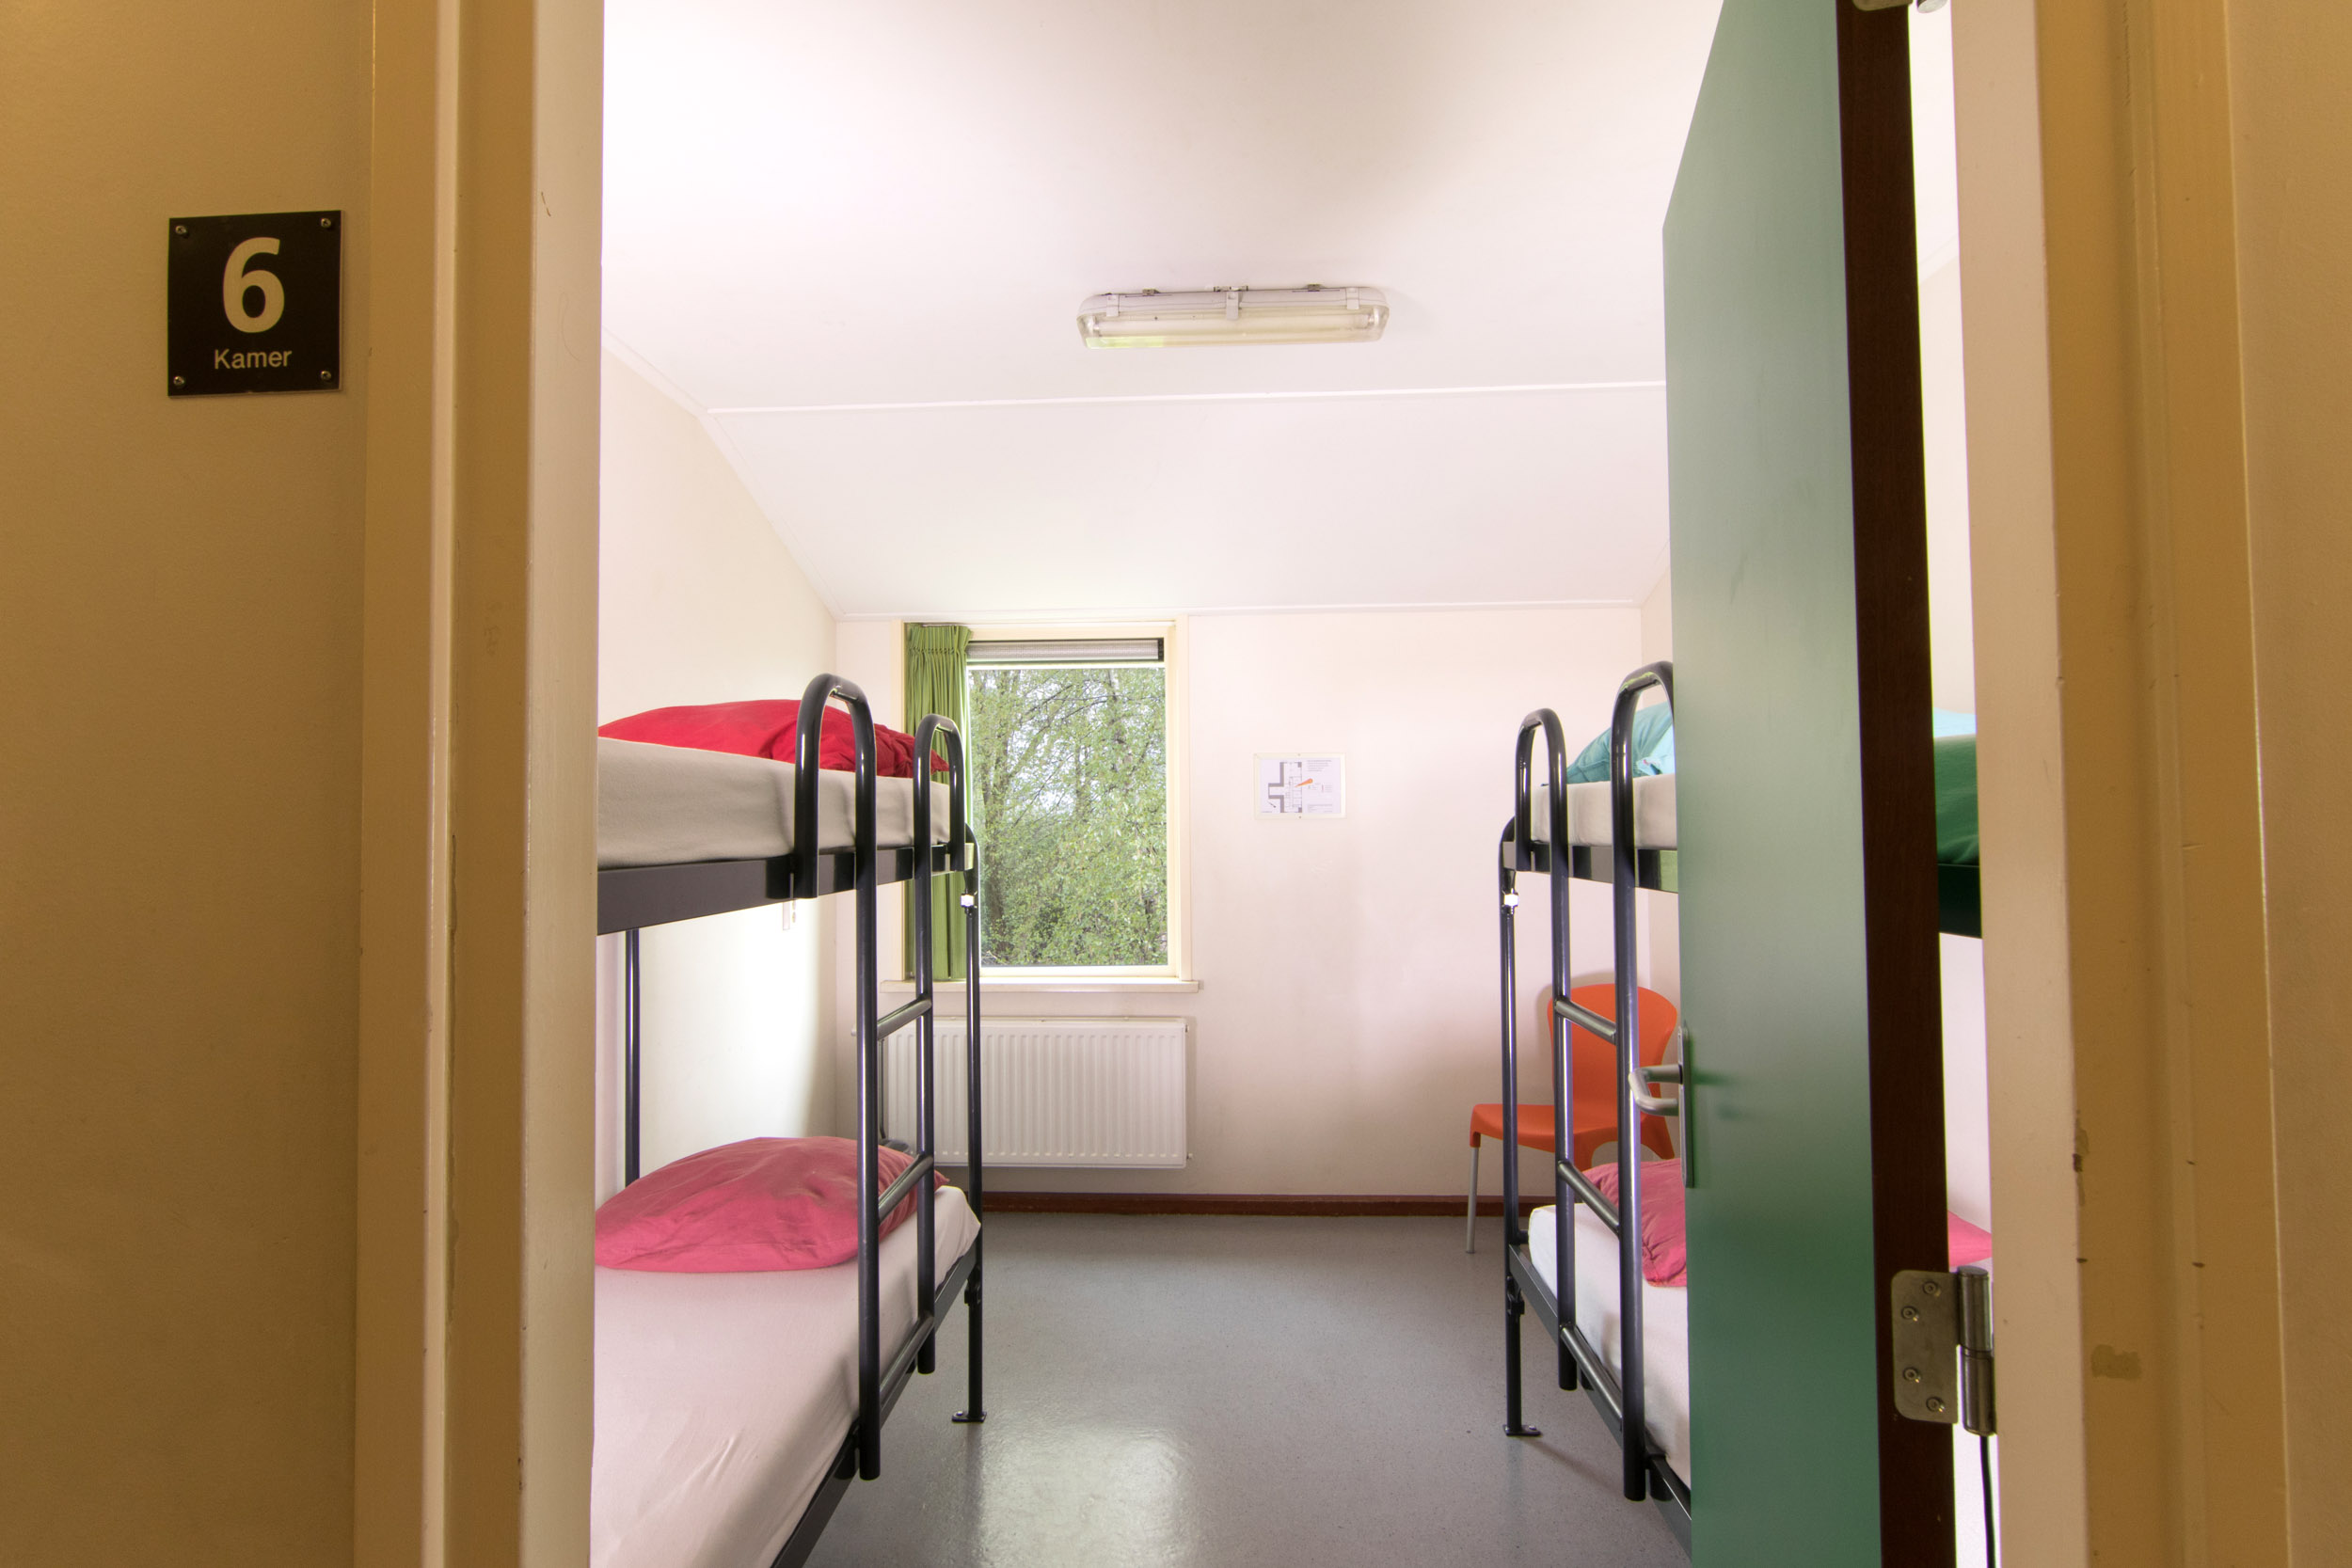 Slaapkamer 6 boven achterzijde - 2500px.jpg